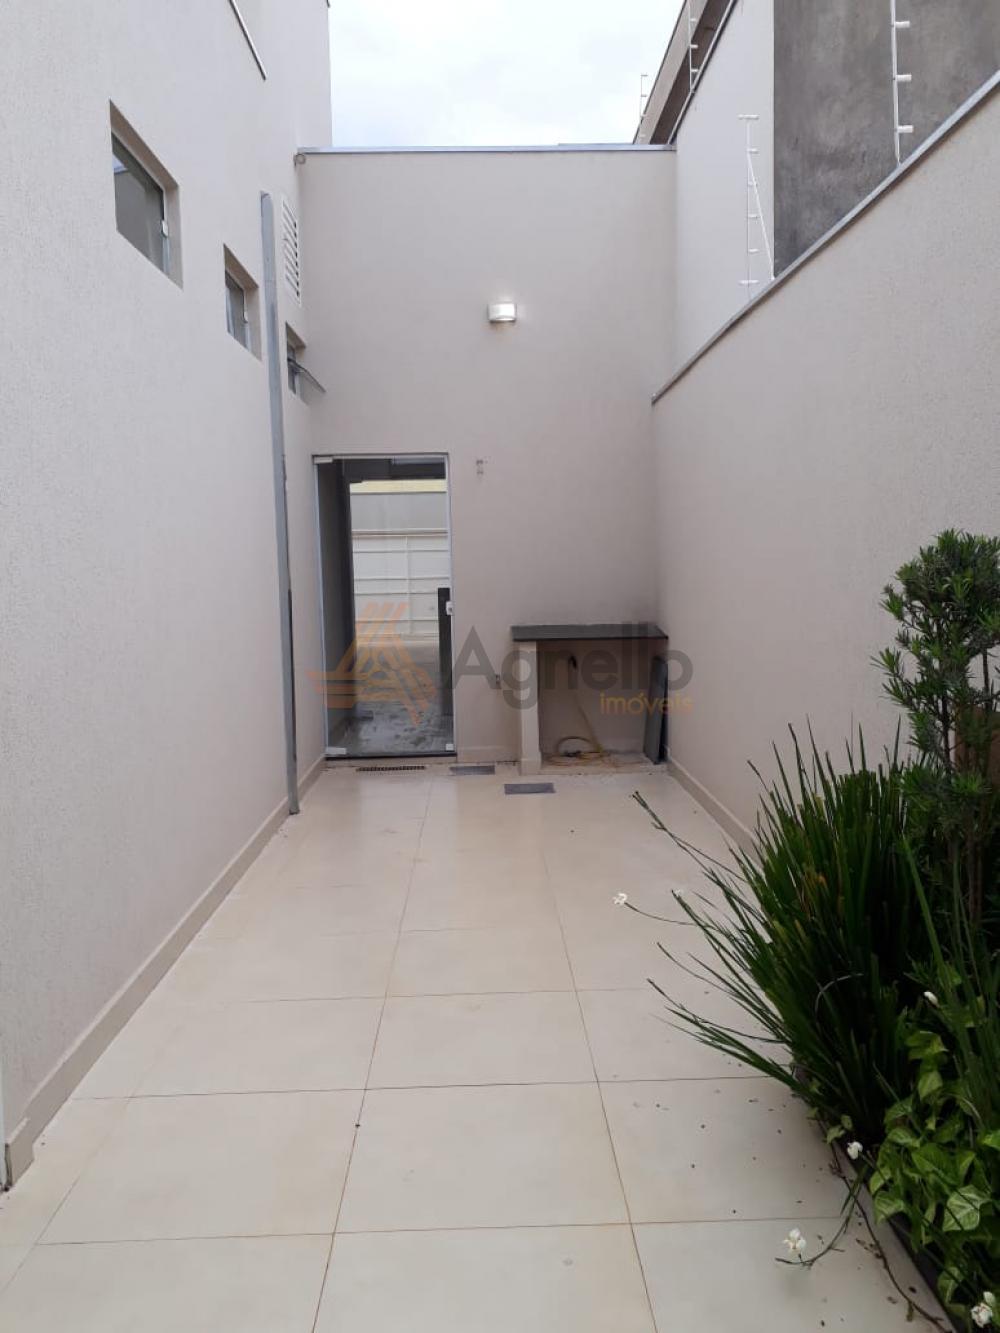 Comprar Casa / Padrão em Franca apenas R$ 735.000,00 - Foto 11